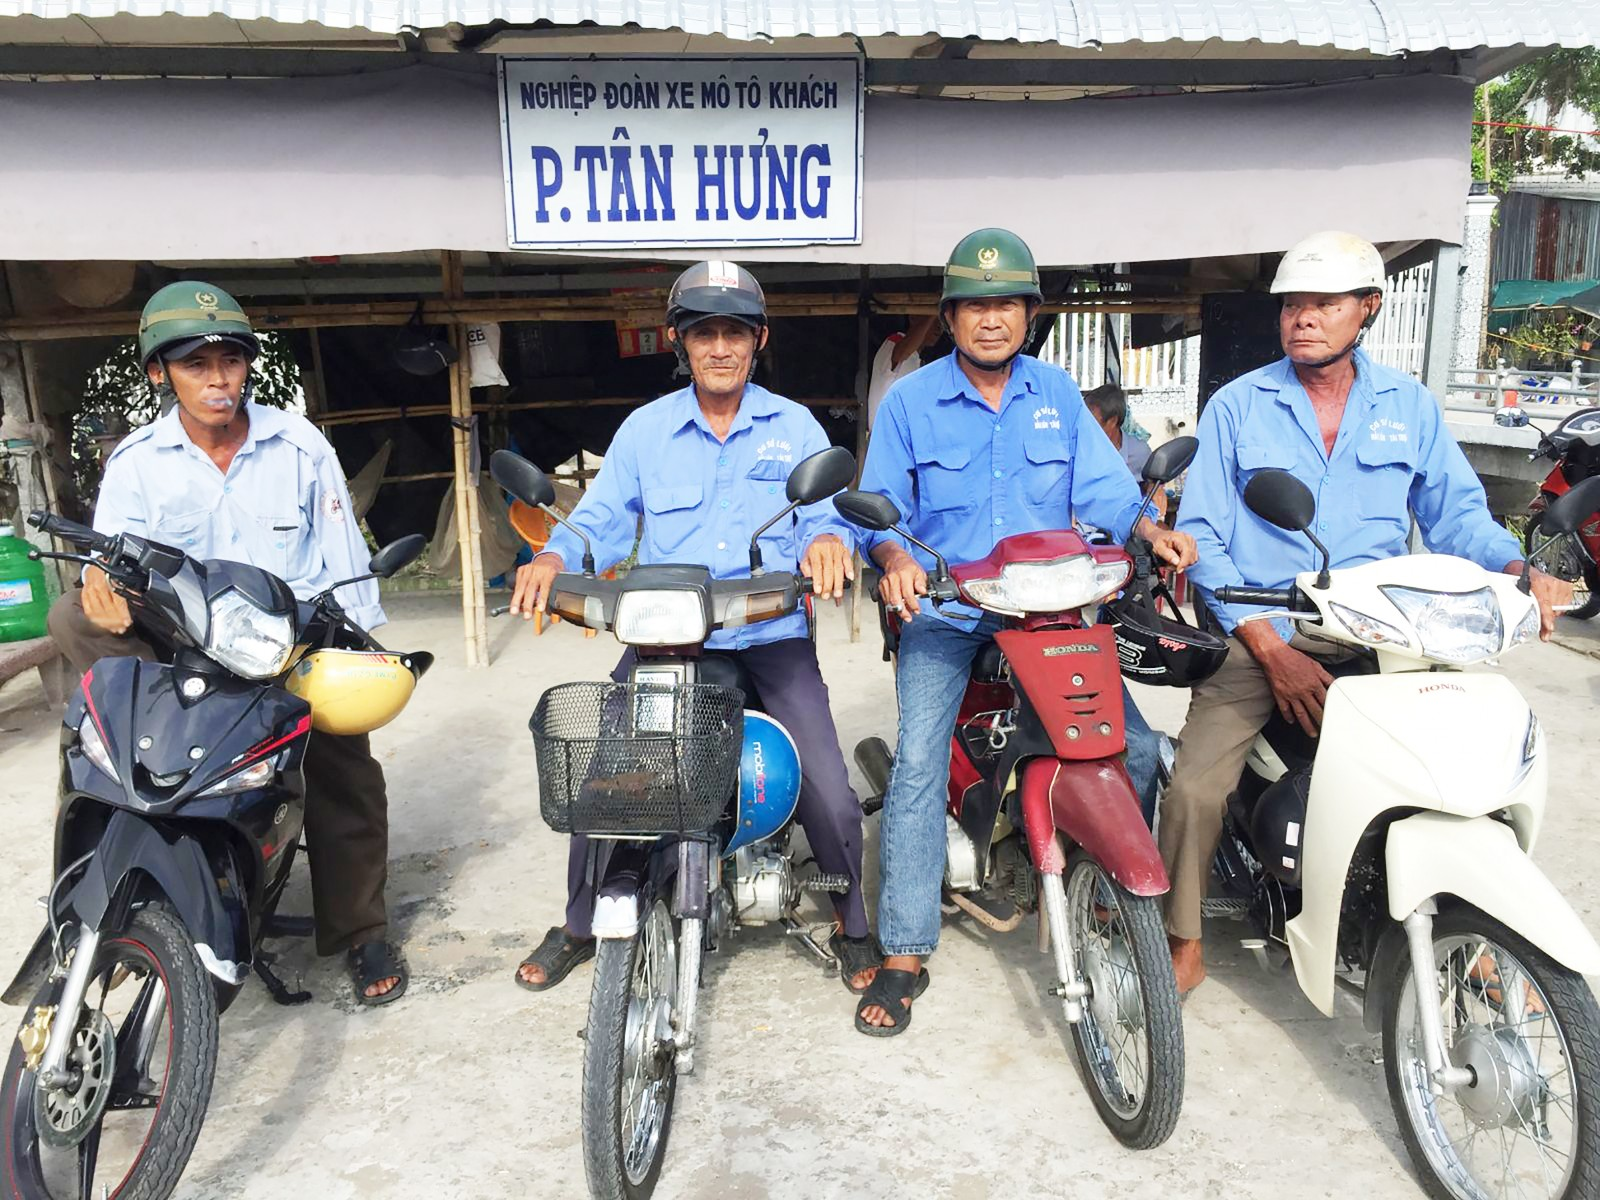 Các thành viên của Nghiệp đoàn mô tô khách phường Tân Hưng. Ảnh: CHẤN HƯNG